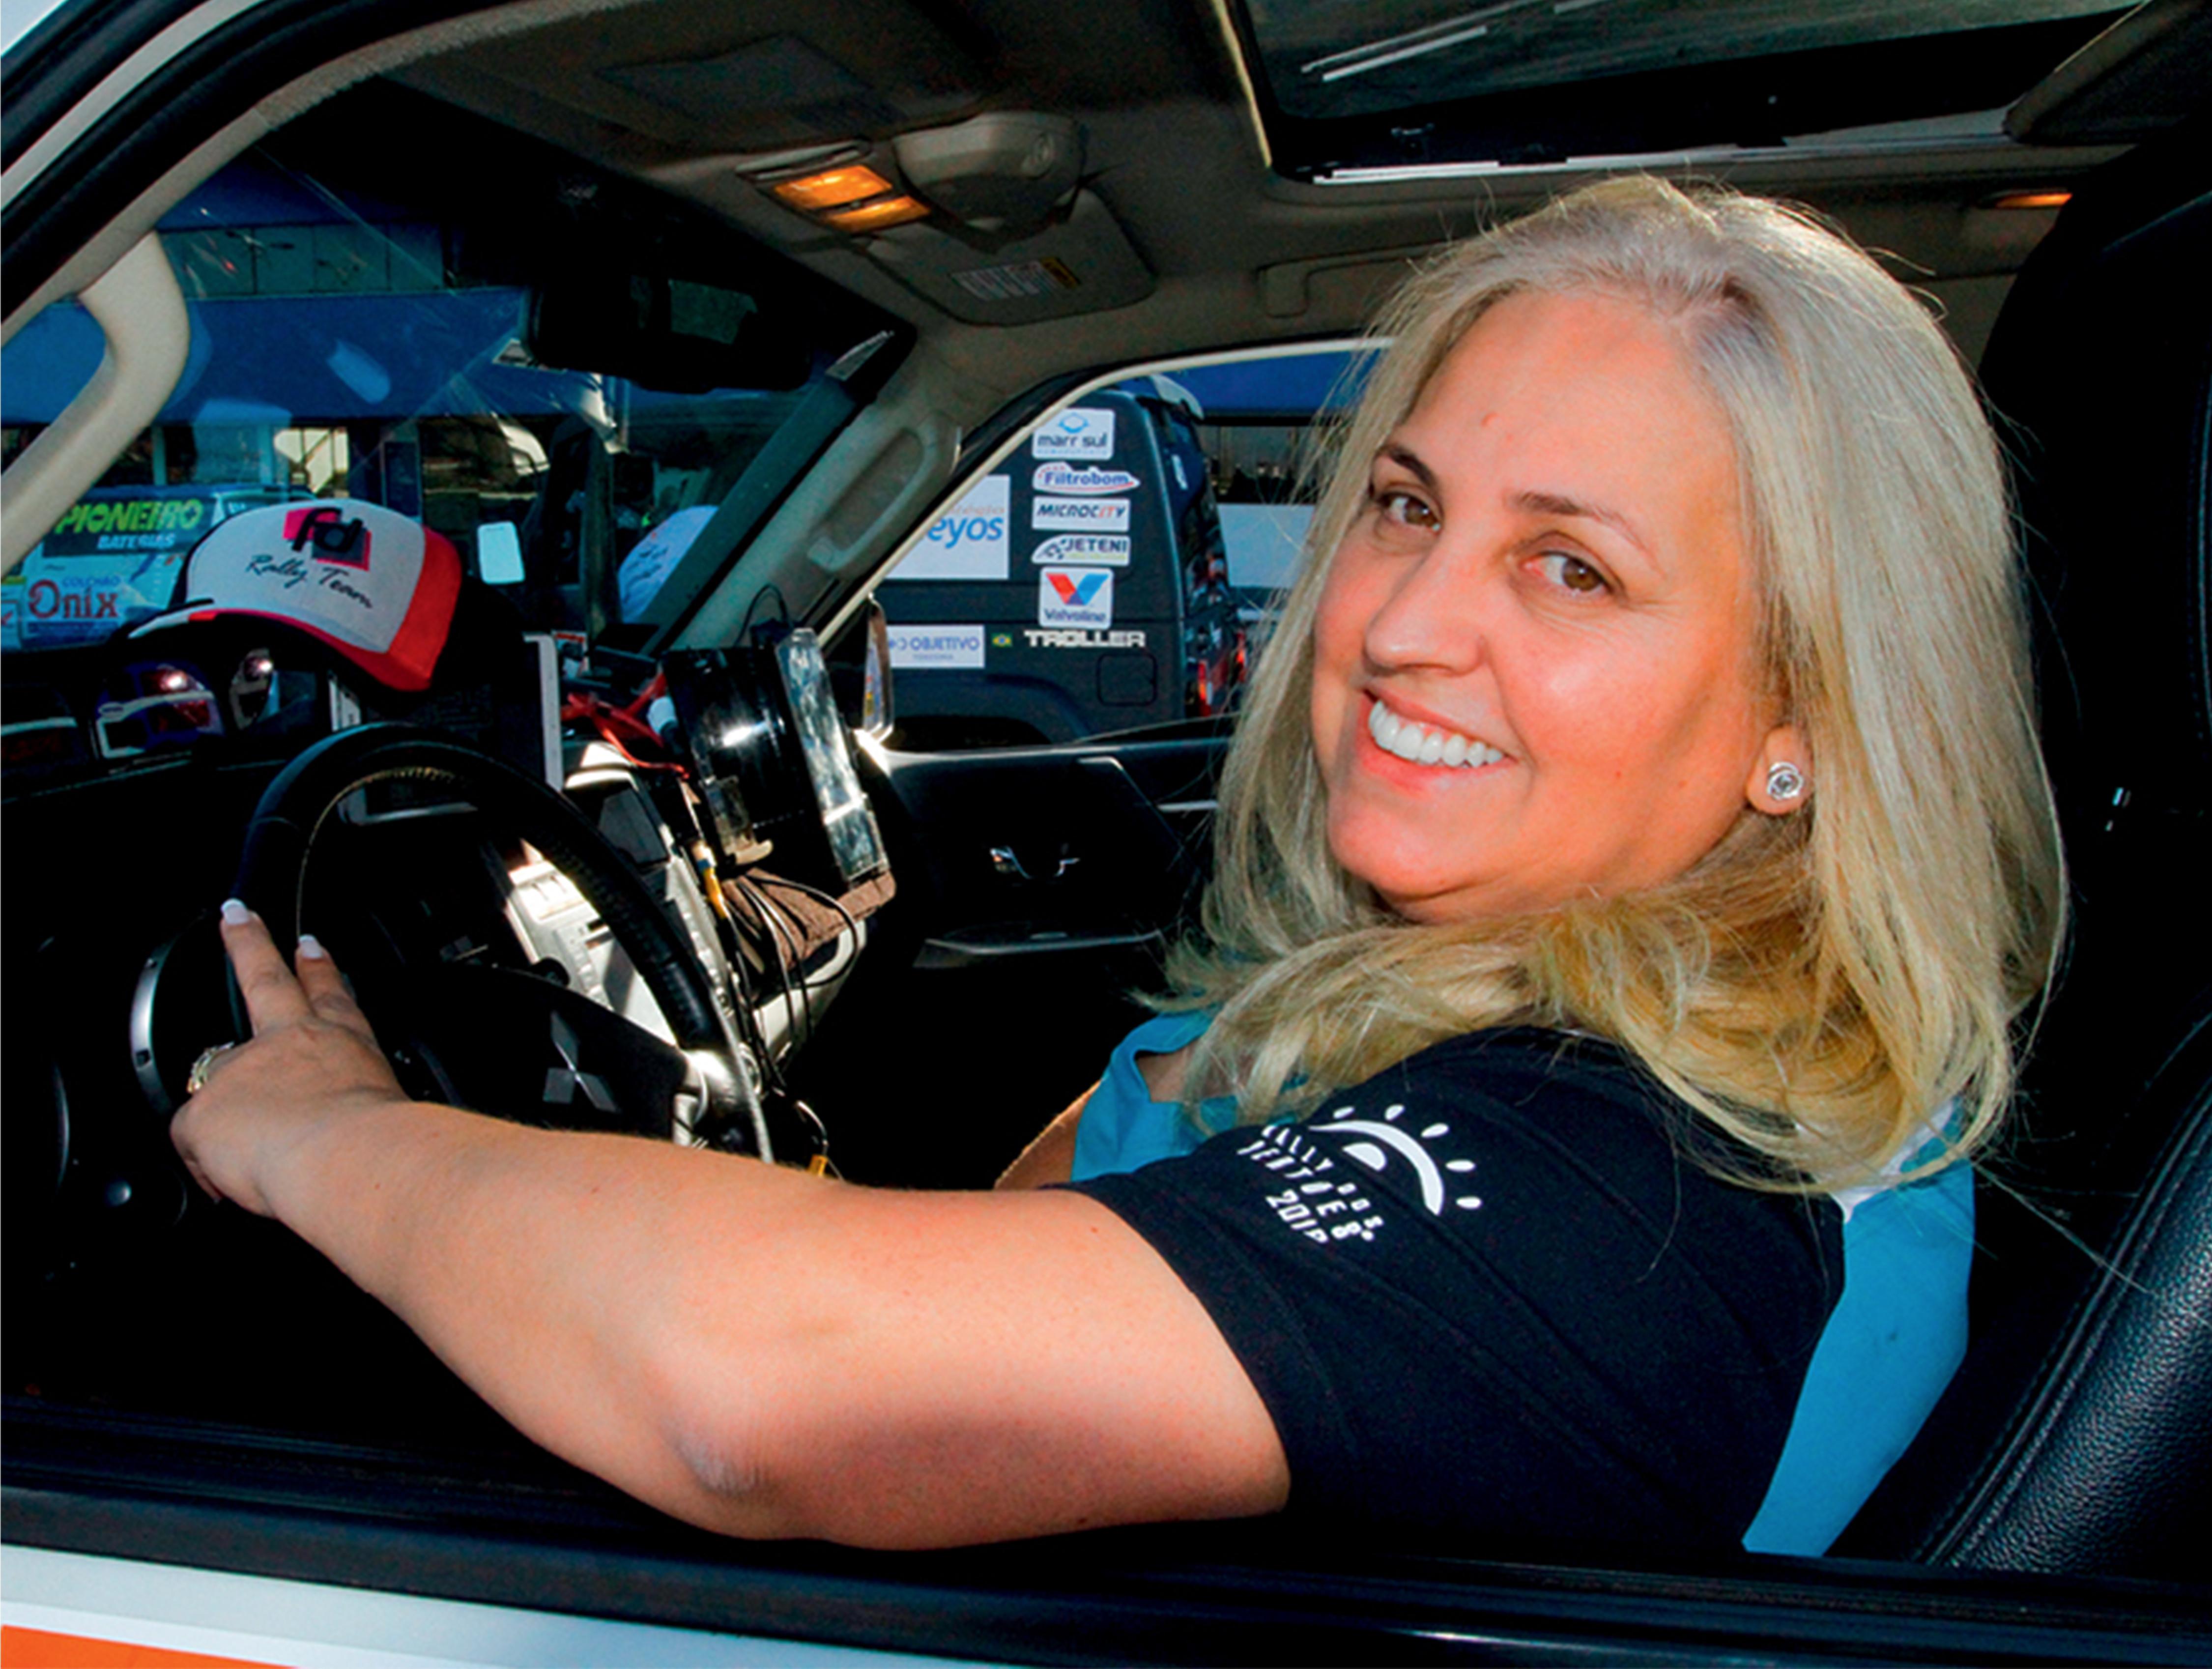 Mulher branca com cabelos loiros sorri para a foto. Ela está sentada dentro de um carro e com o braço apoiado na janela aberta.